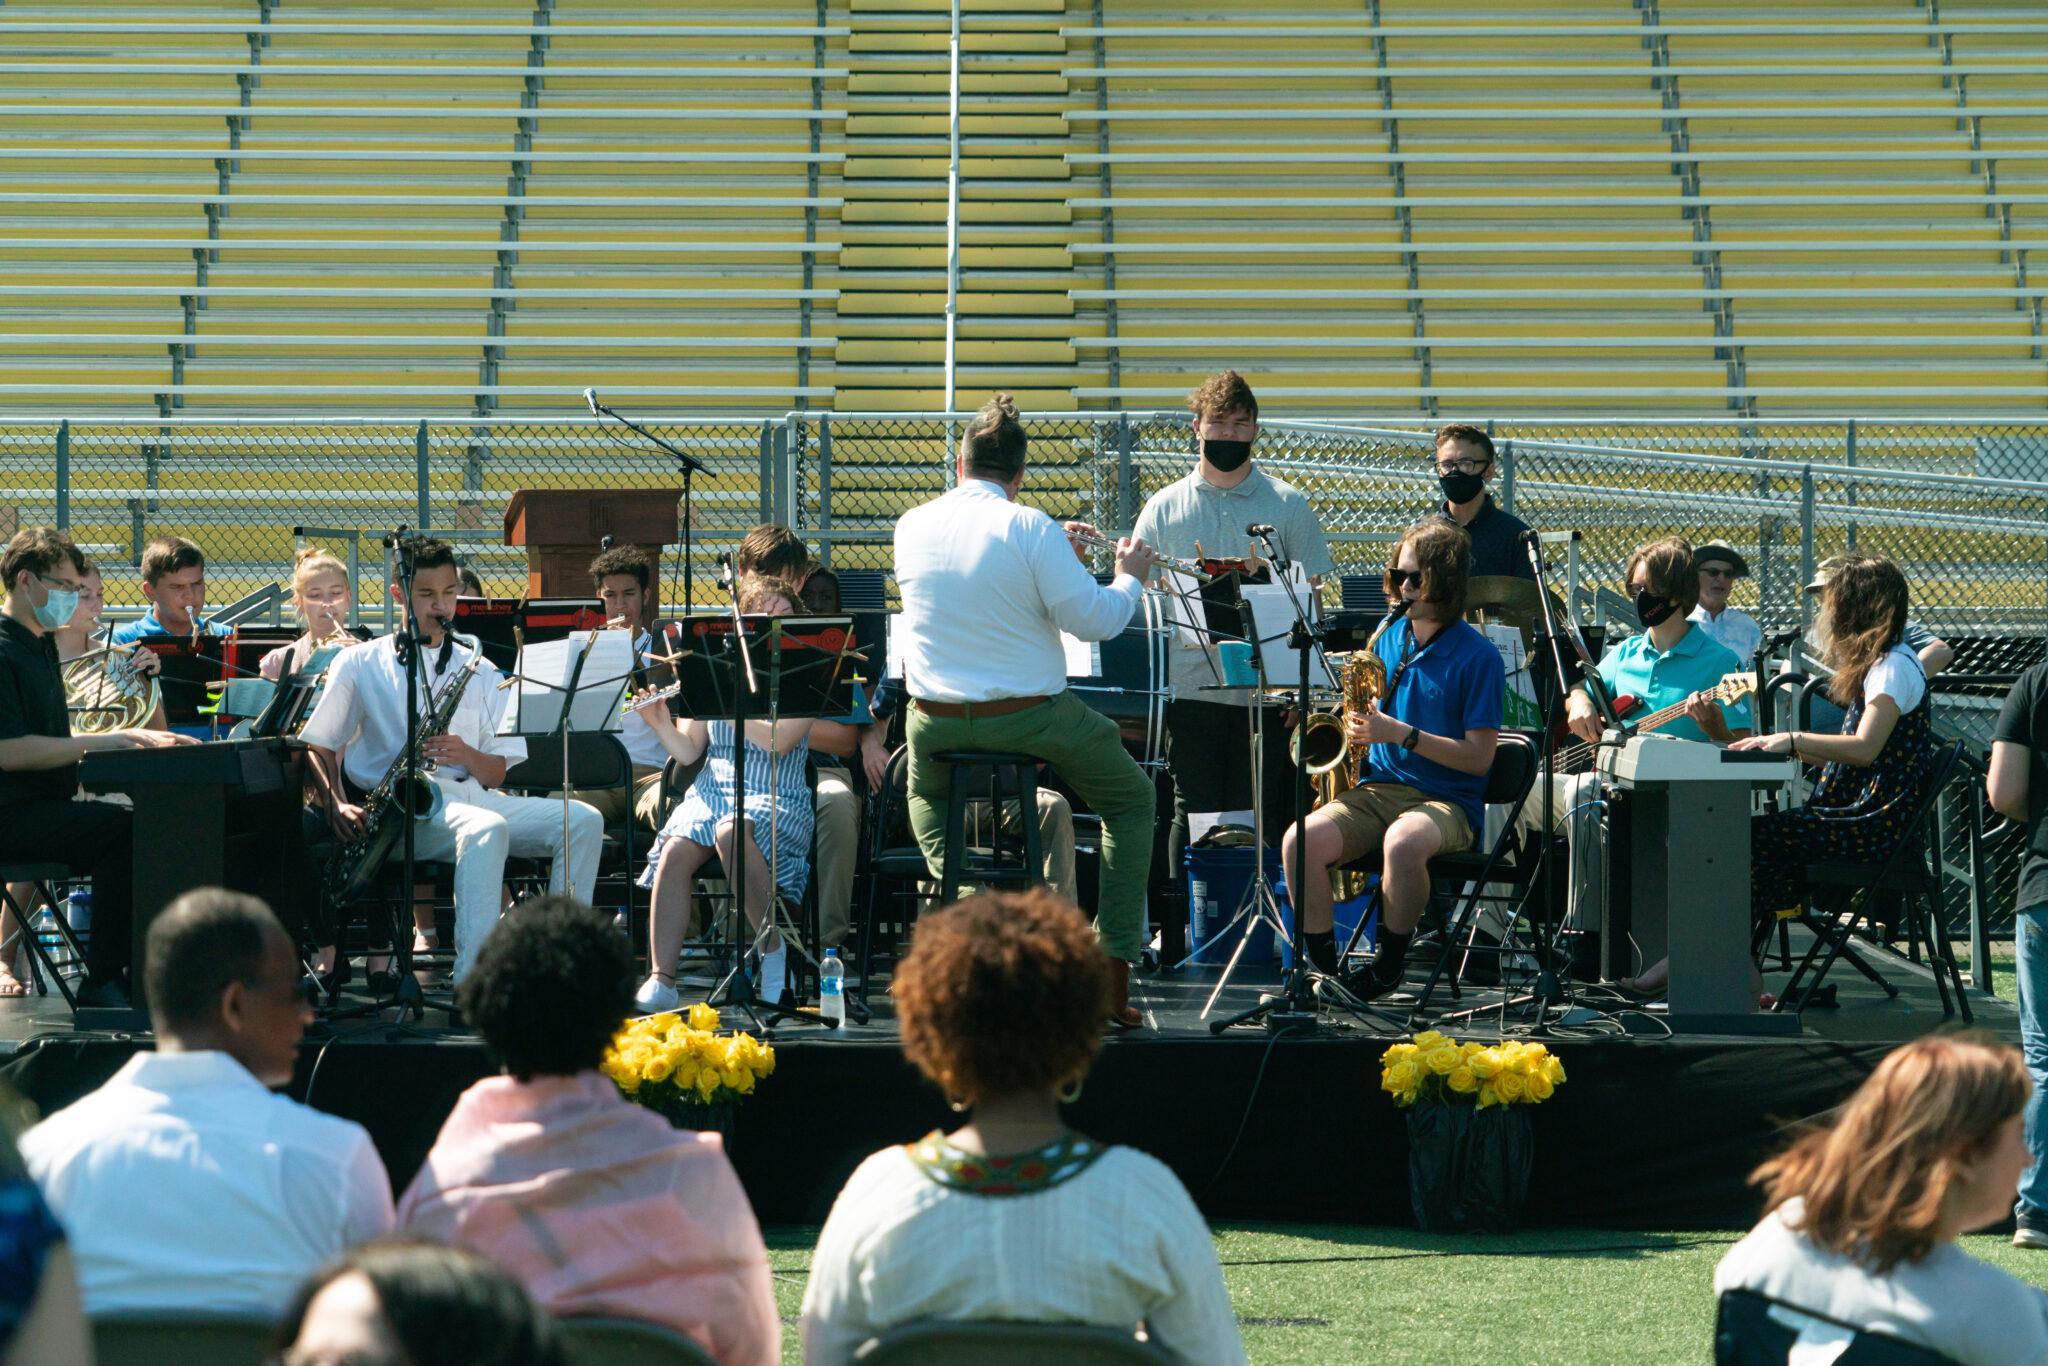 band playing at graduation service